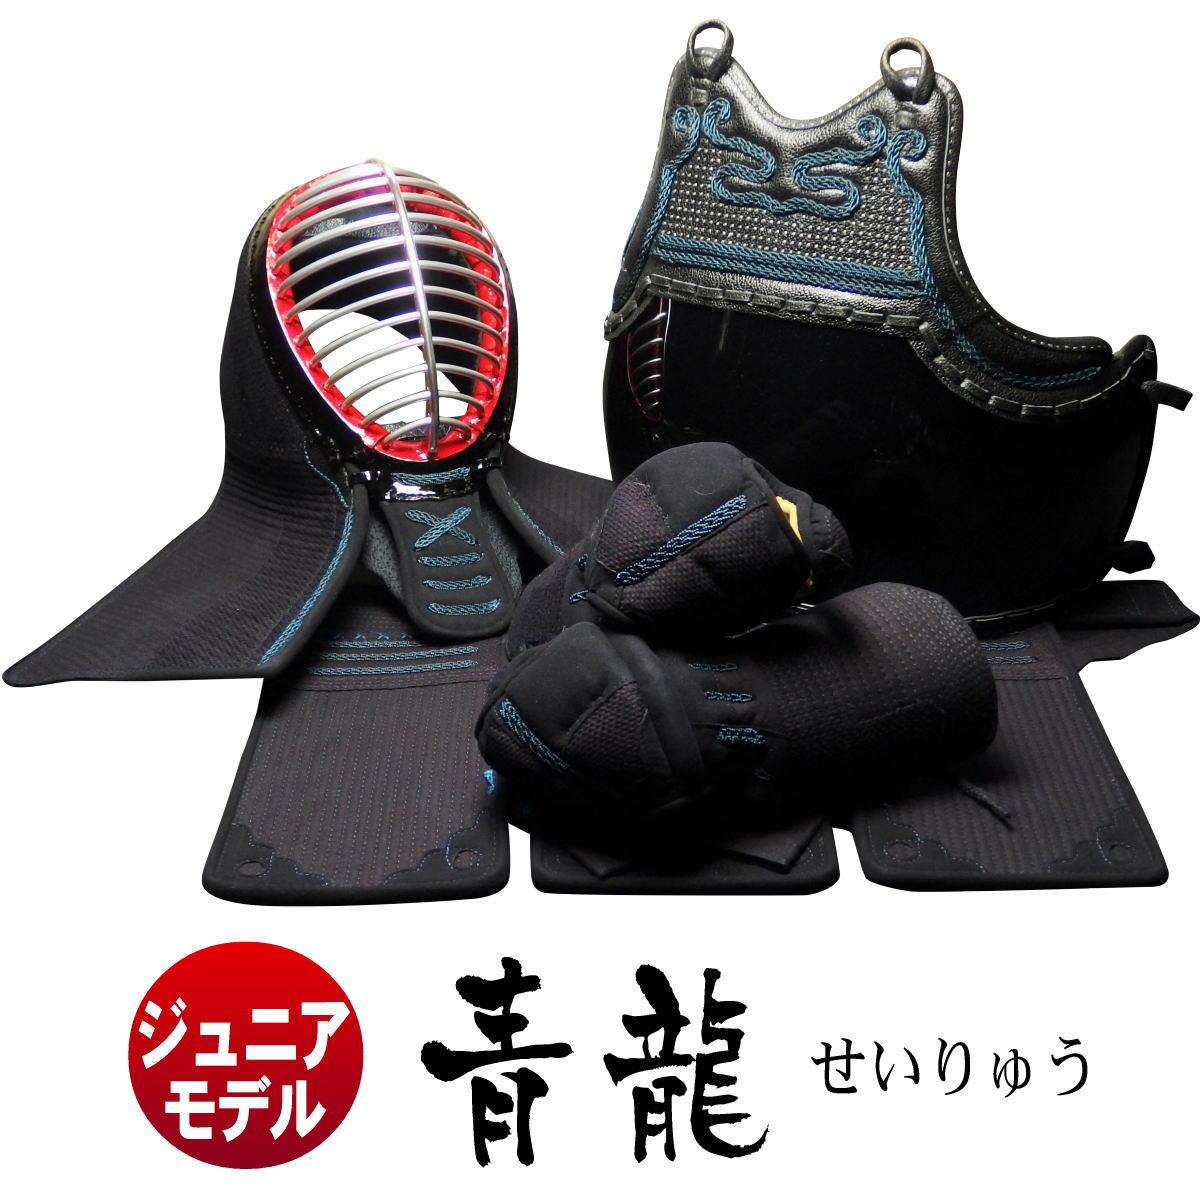 剣道防具セット 小学生 青龍 6mm機械刺 幼年から小学生まで対応 防具袋も特別価格でご奉仕中!